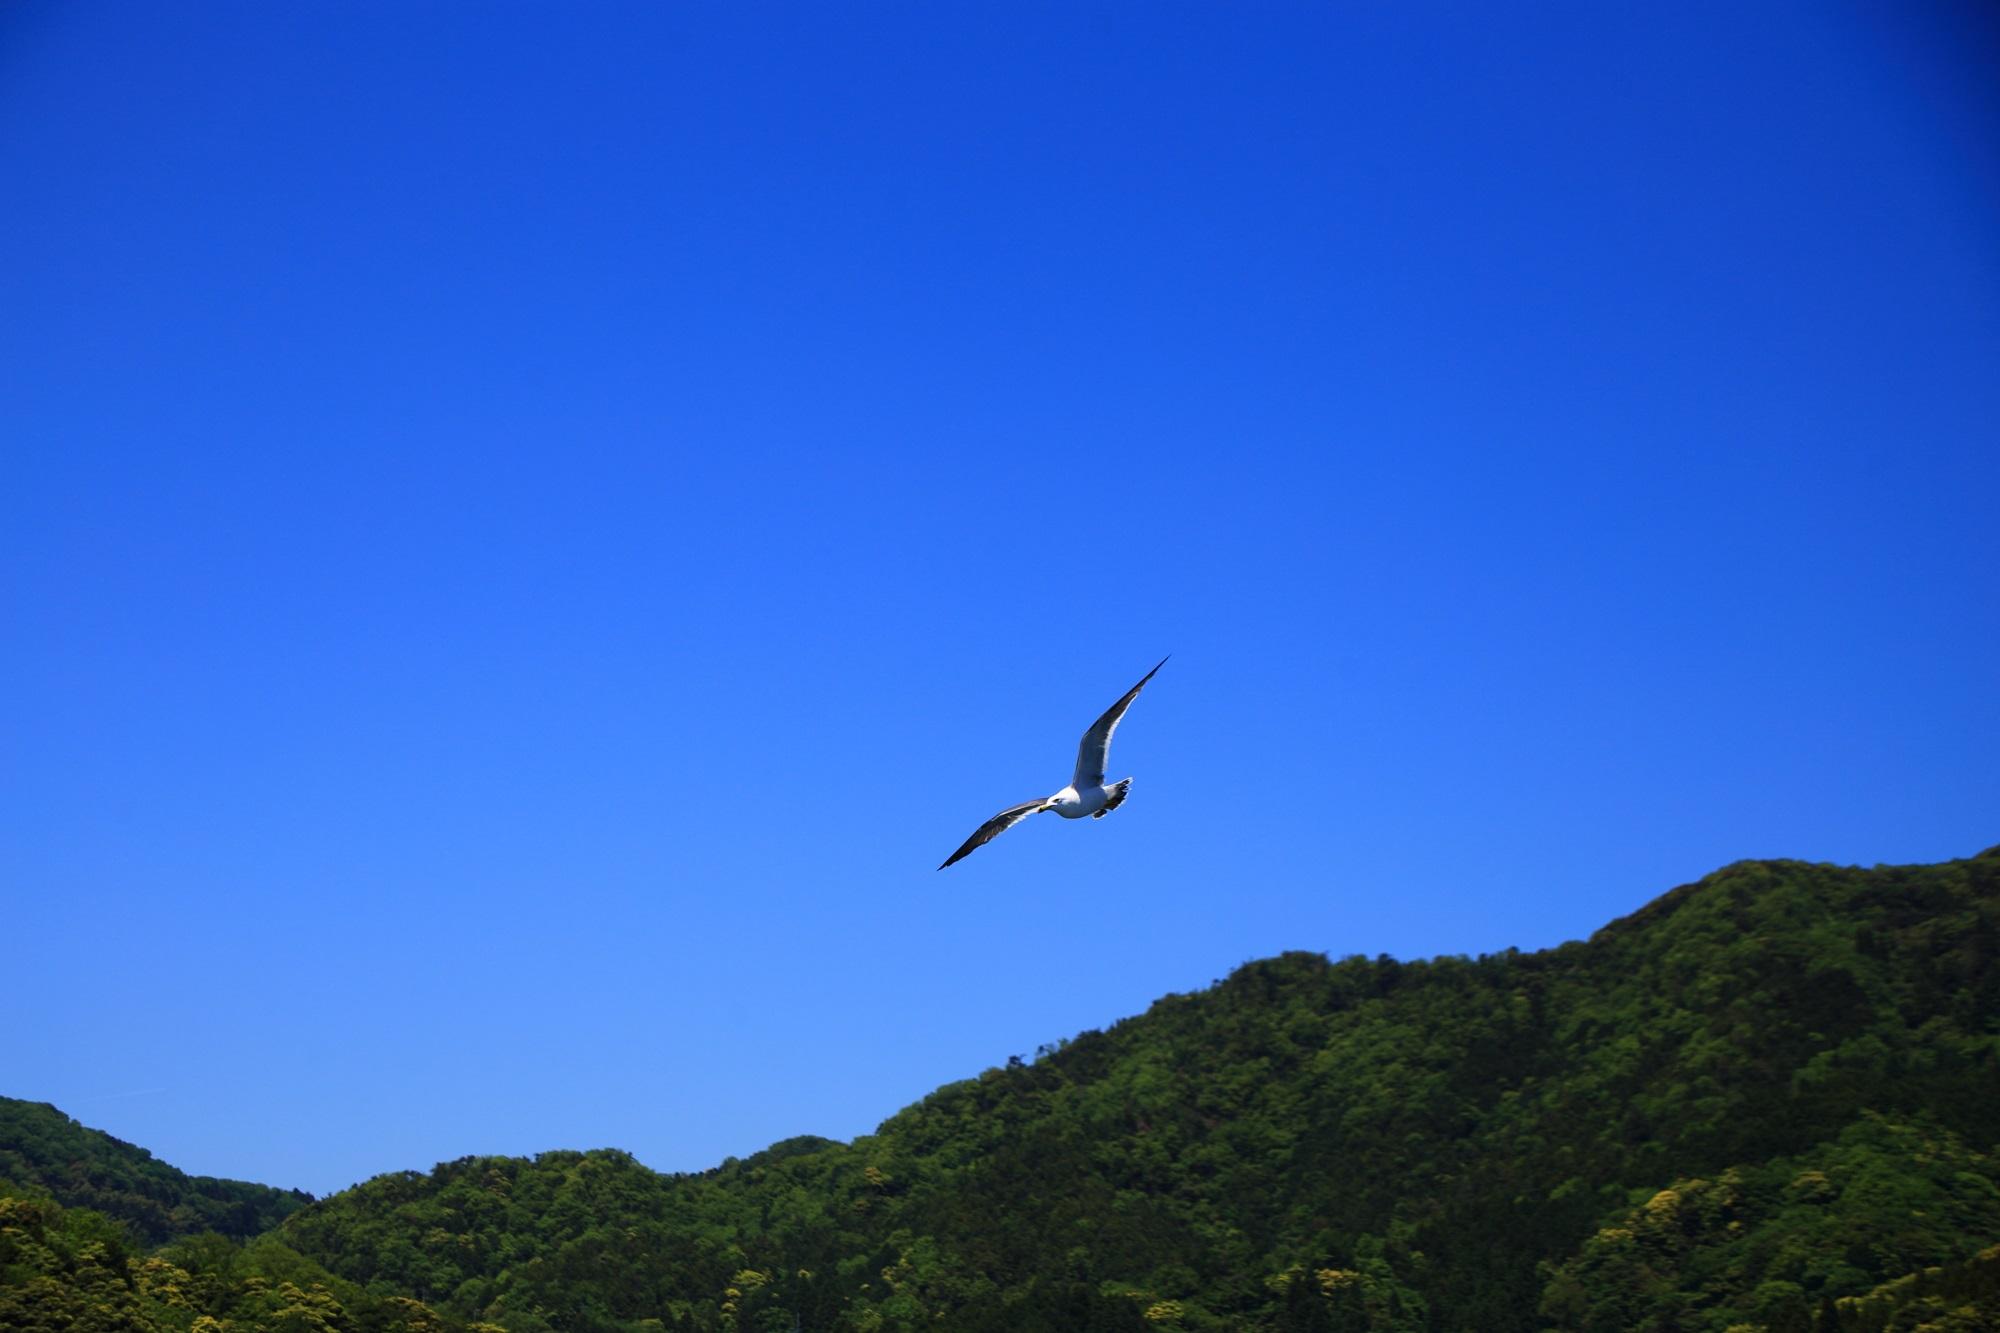 青空を羽ばたく遊覧船についてくる伊根のカモメ